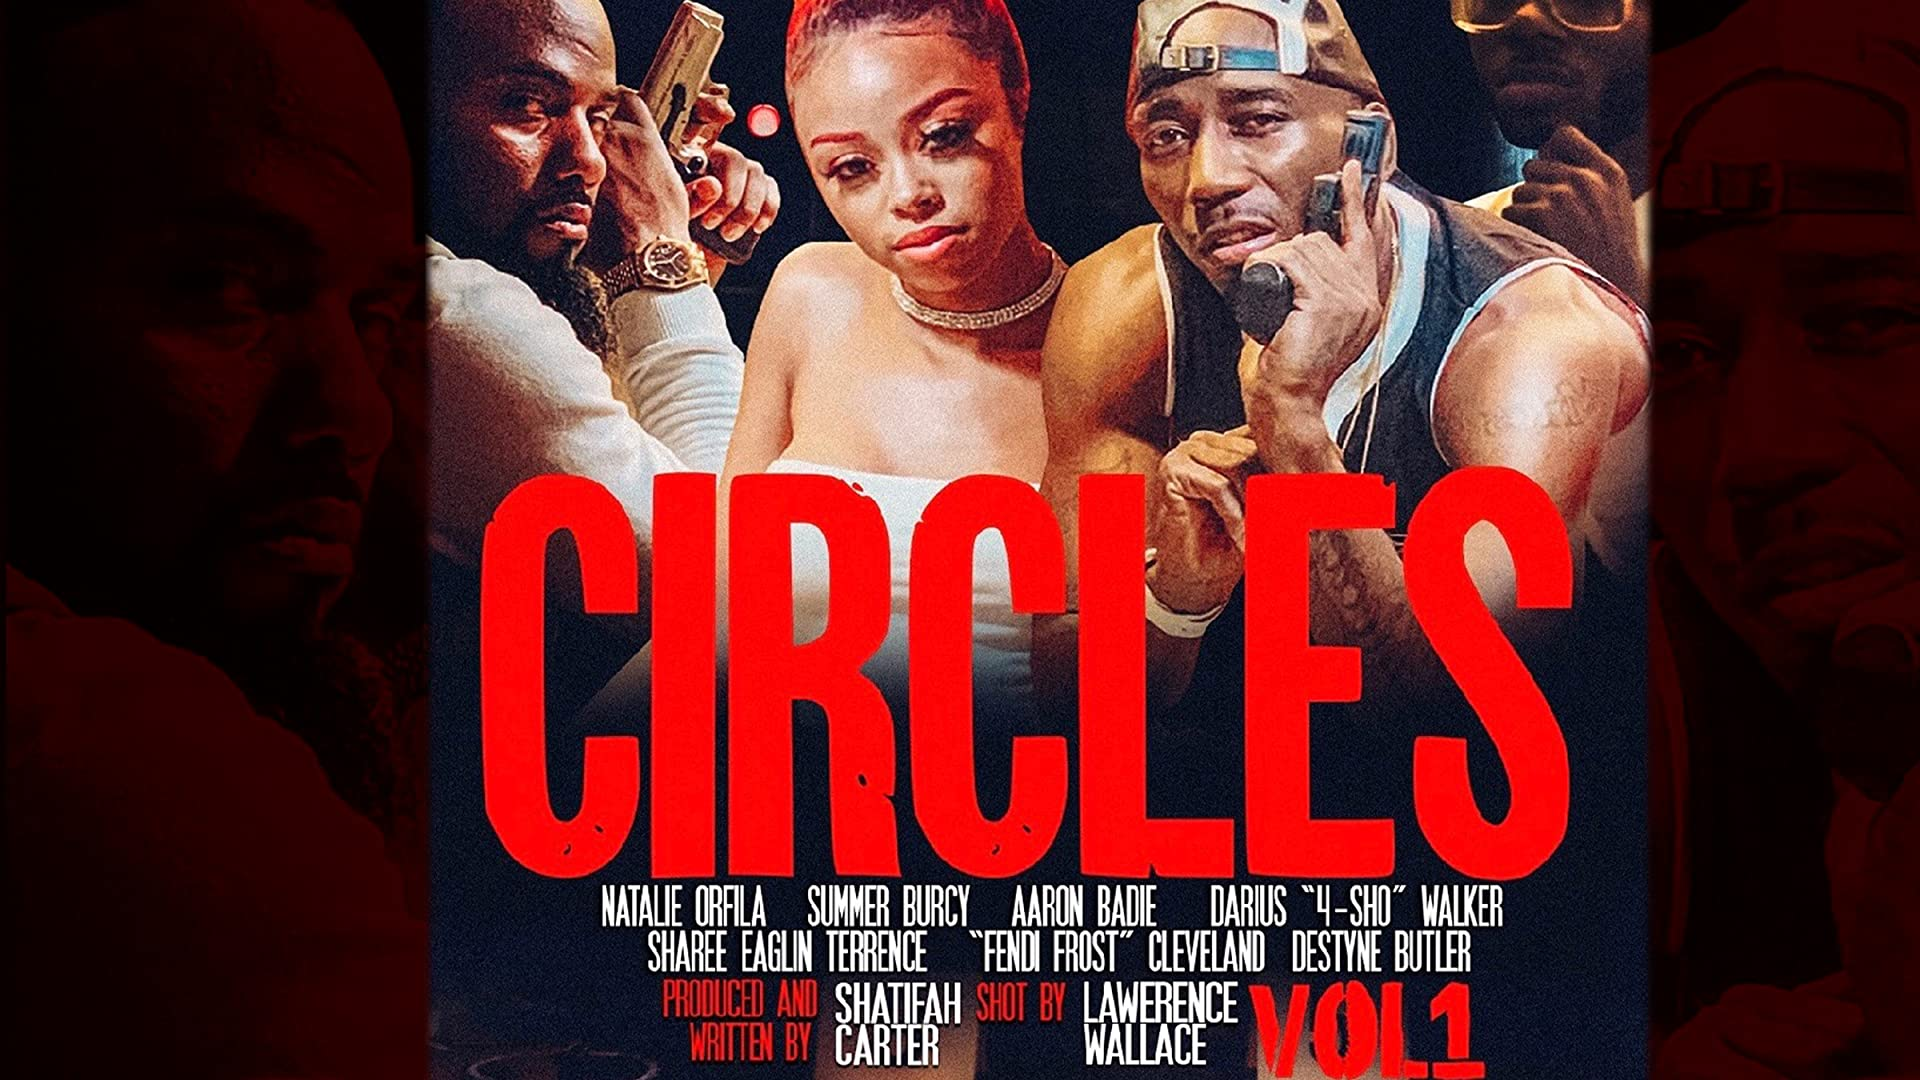 CIRCLES vol 1